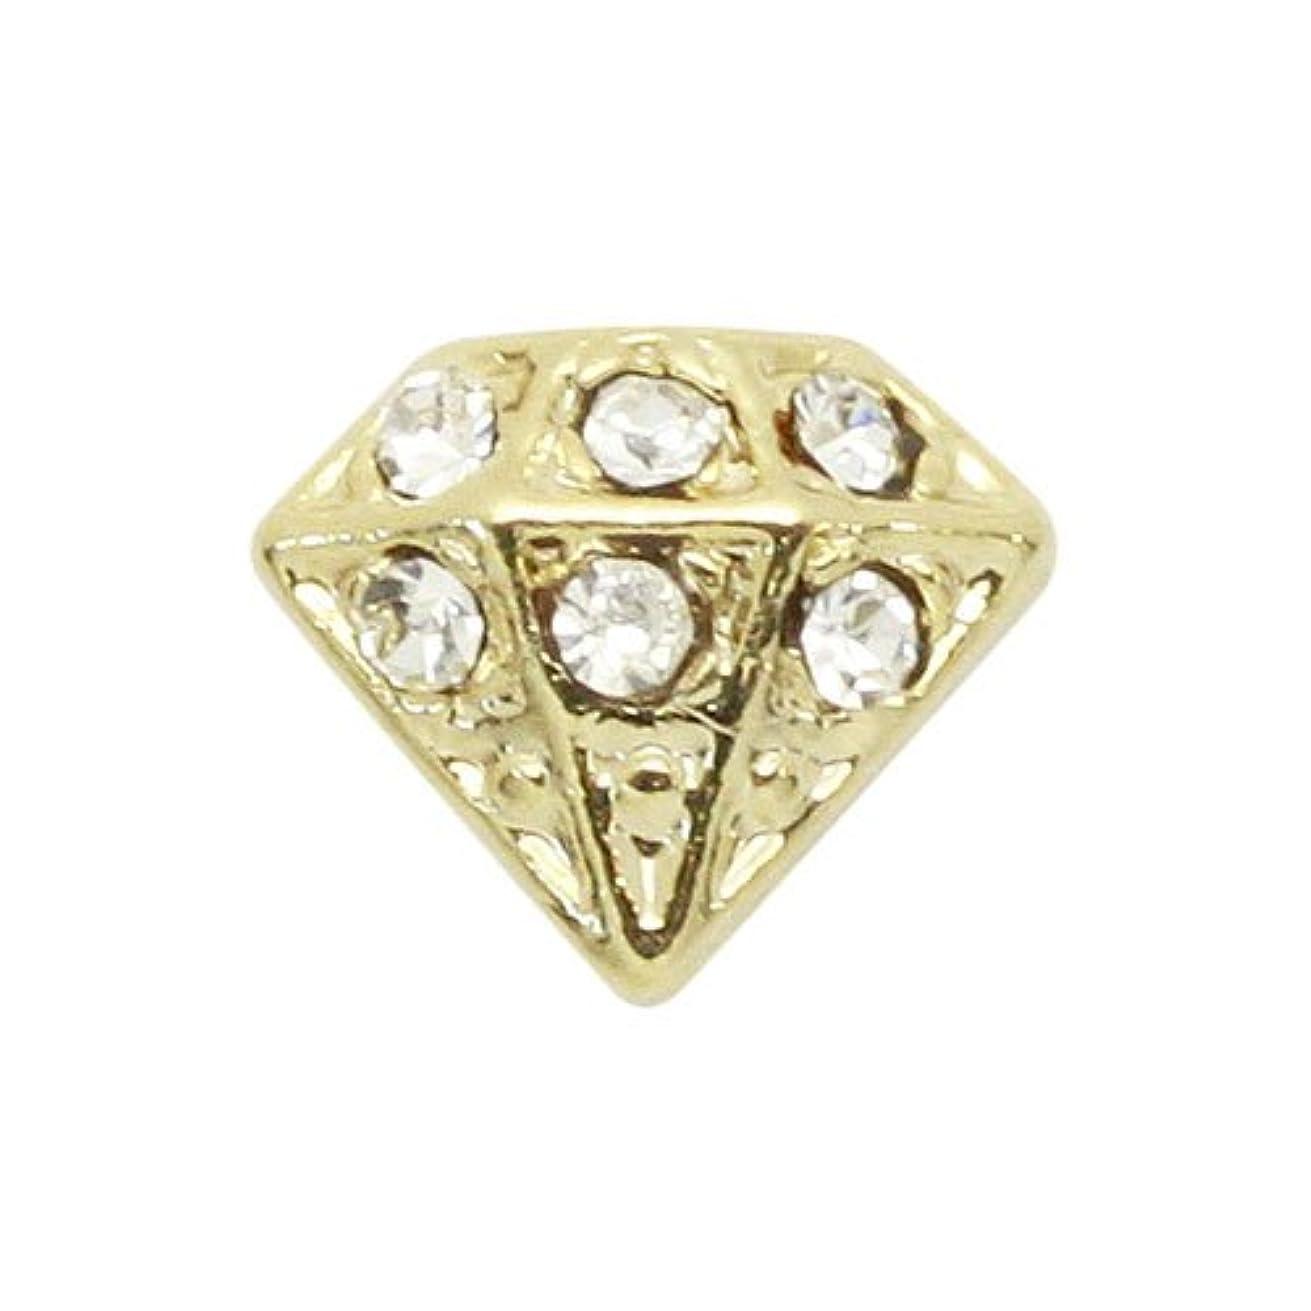 ブラスト価値のない撤回するエムプティ ネイルパーツ ダイアモンド A191 1個